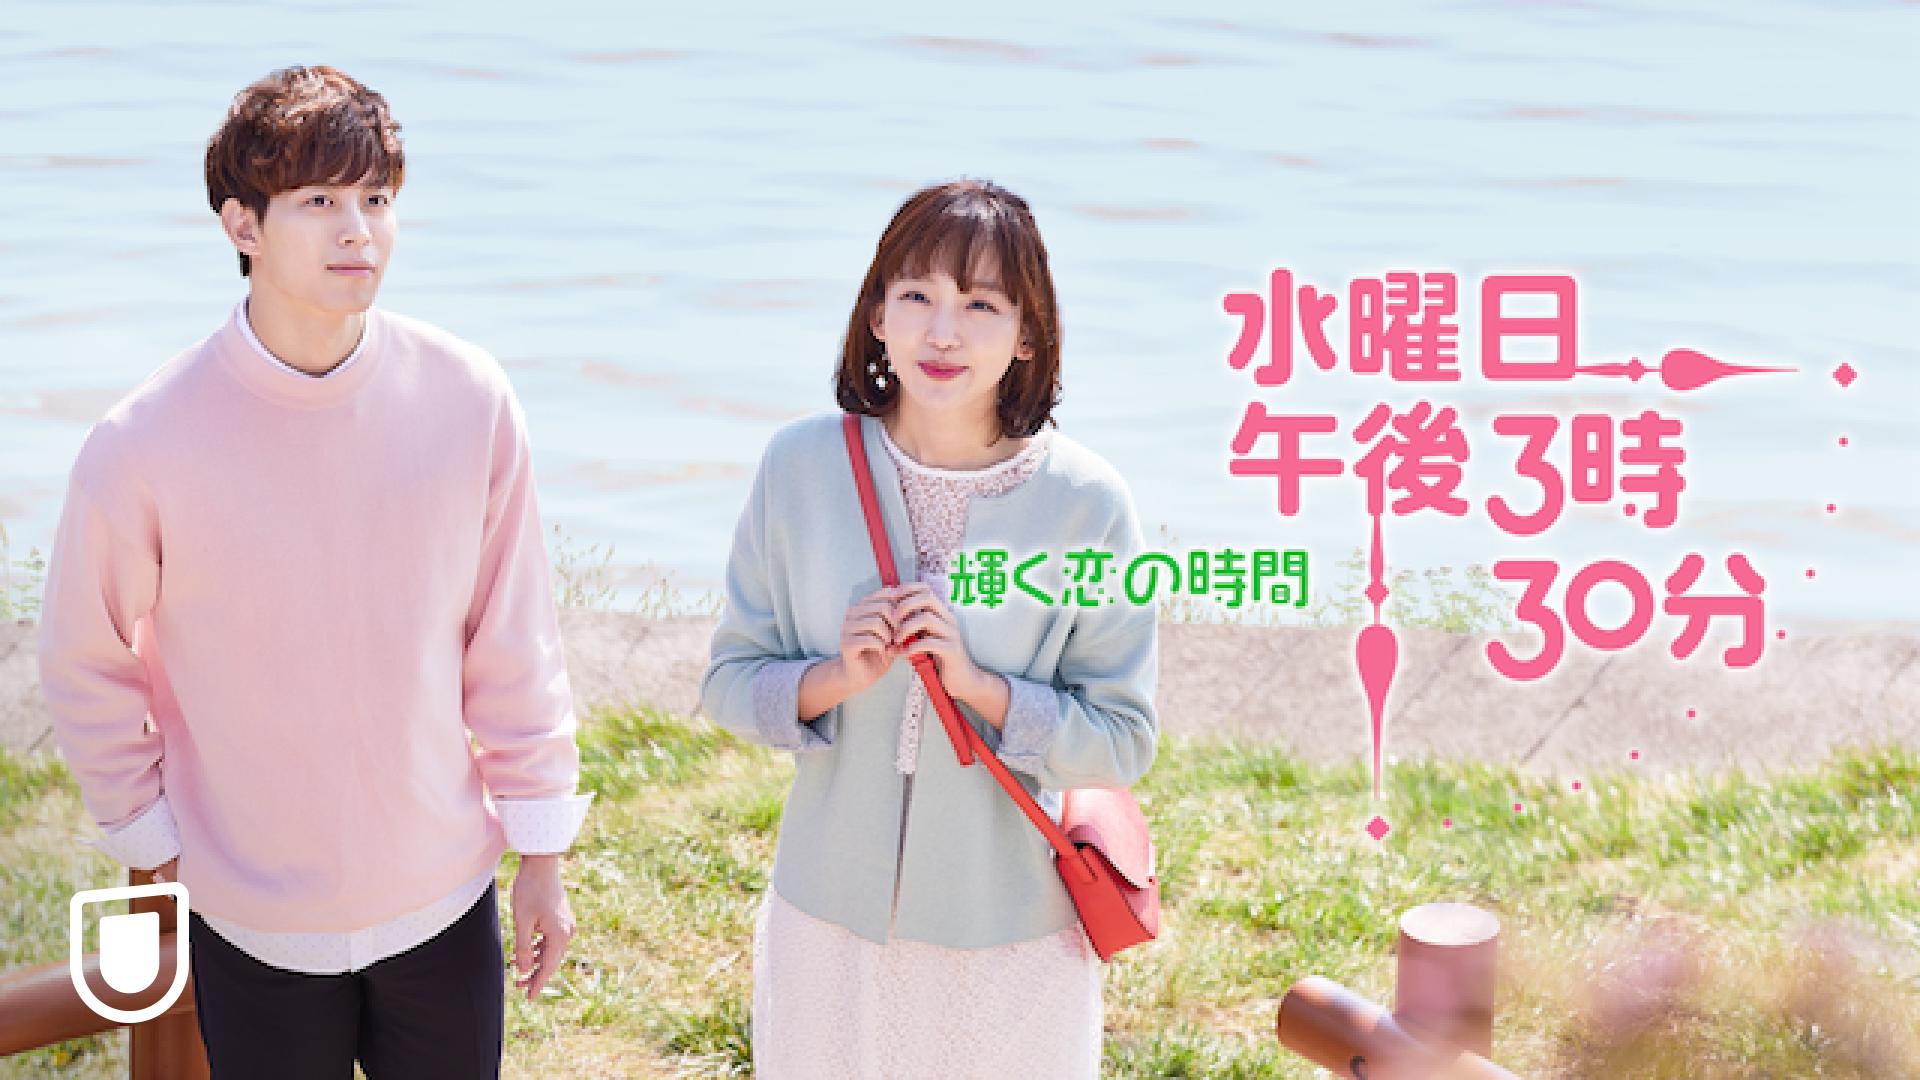 水曜日 午後3時30分 ~輝く恋の時間~動画